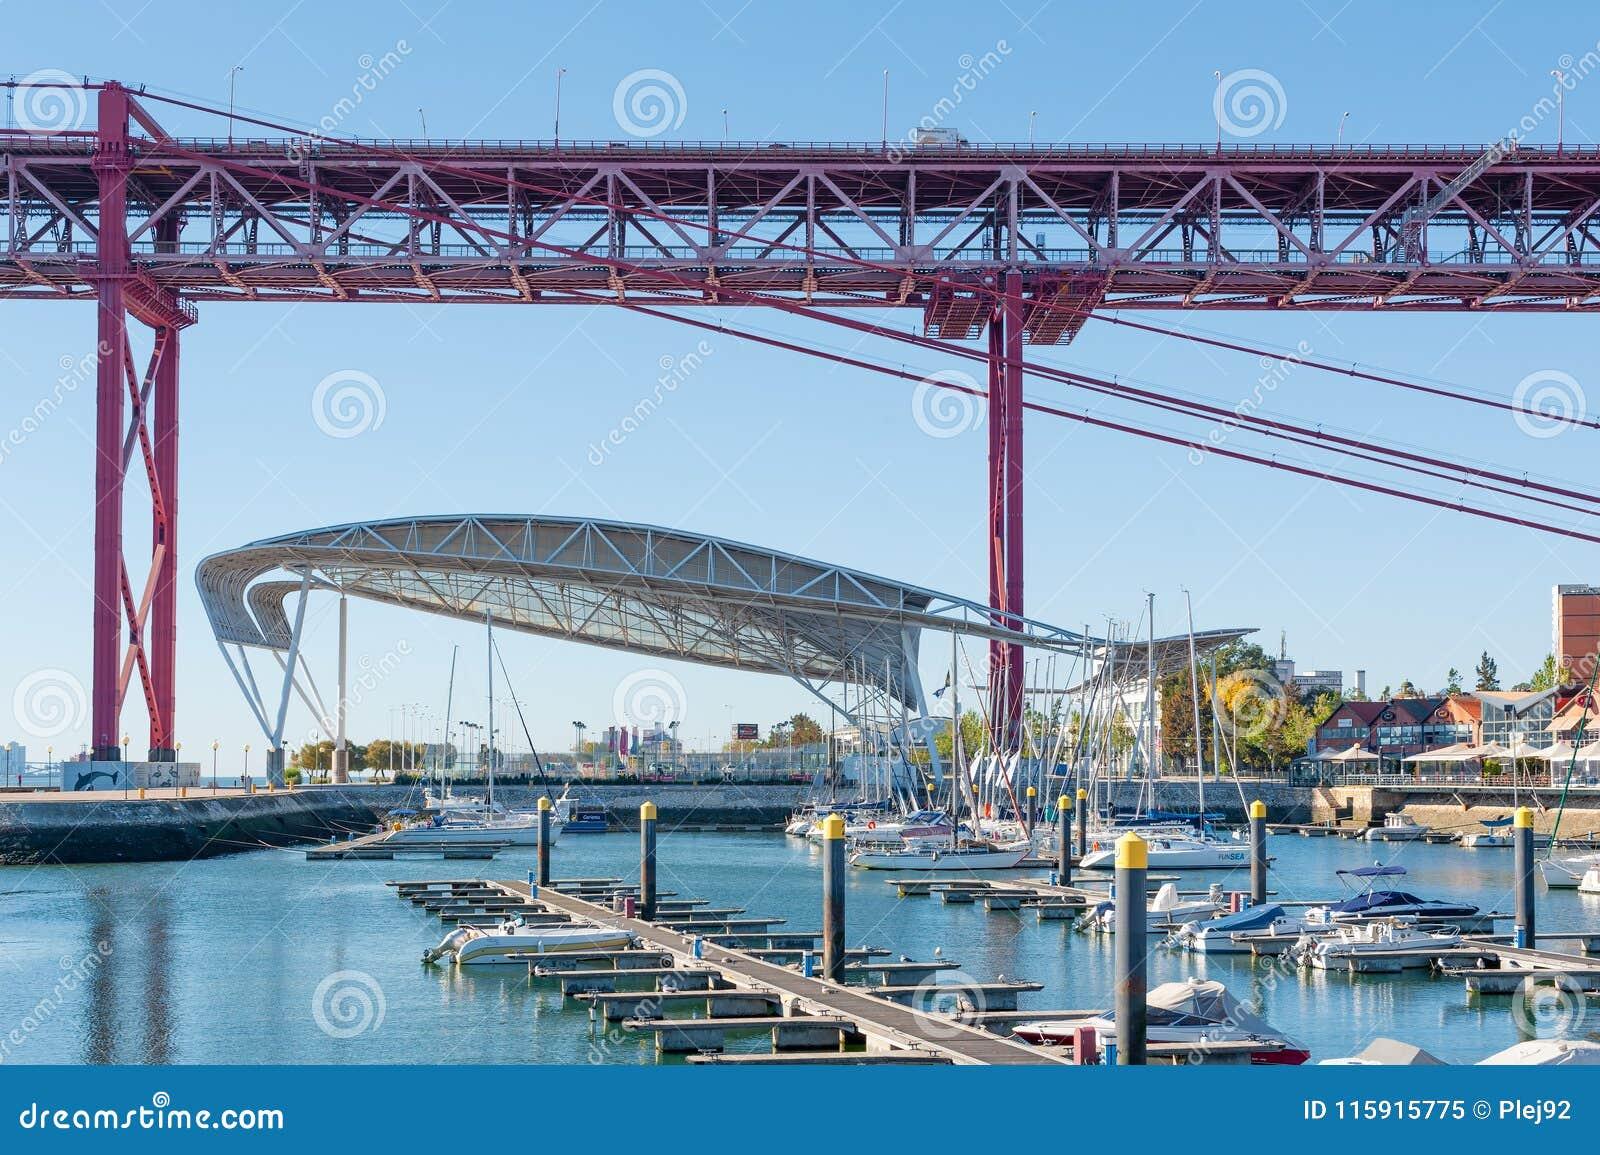 Santo Amaro Atraca Con El Puente Del 24 De Abril En El Fondo Imagen Editorial Imagen De Nave Yate 115915775